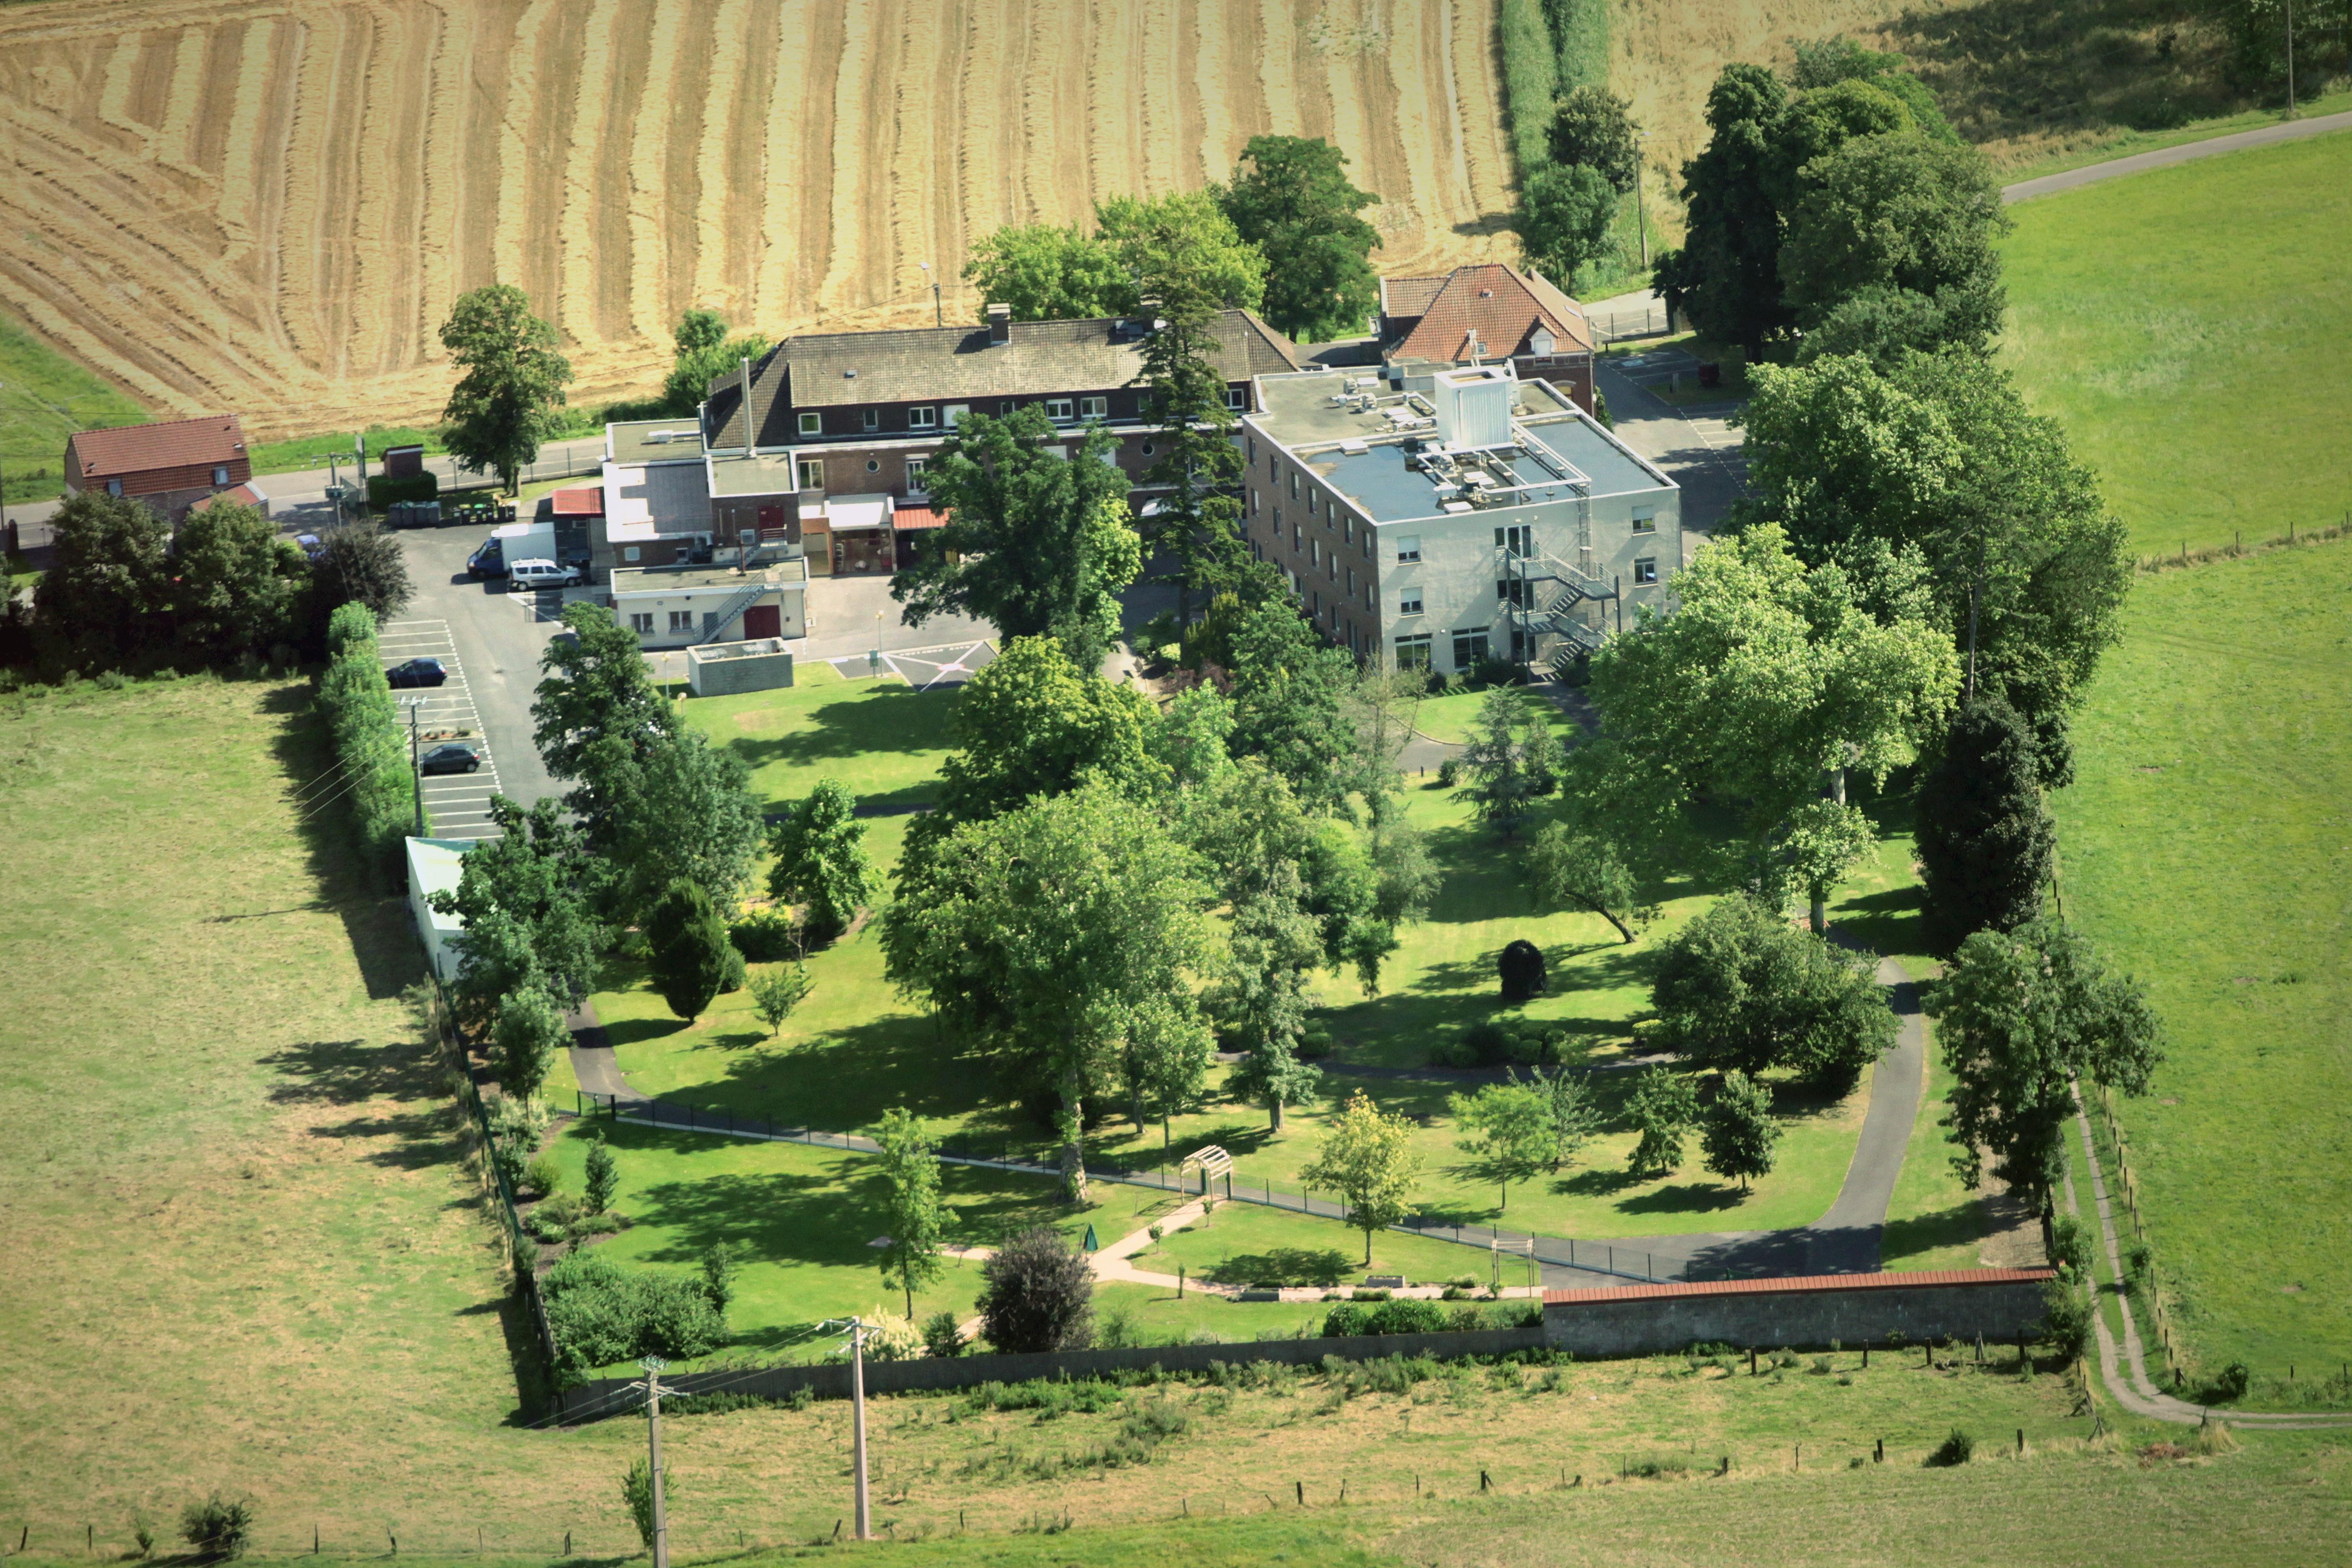 Vue aérienne de la Clinique Saint-Roch de Marchiennes et de son parc arboré